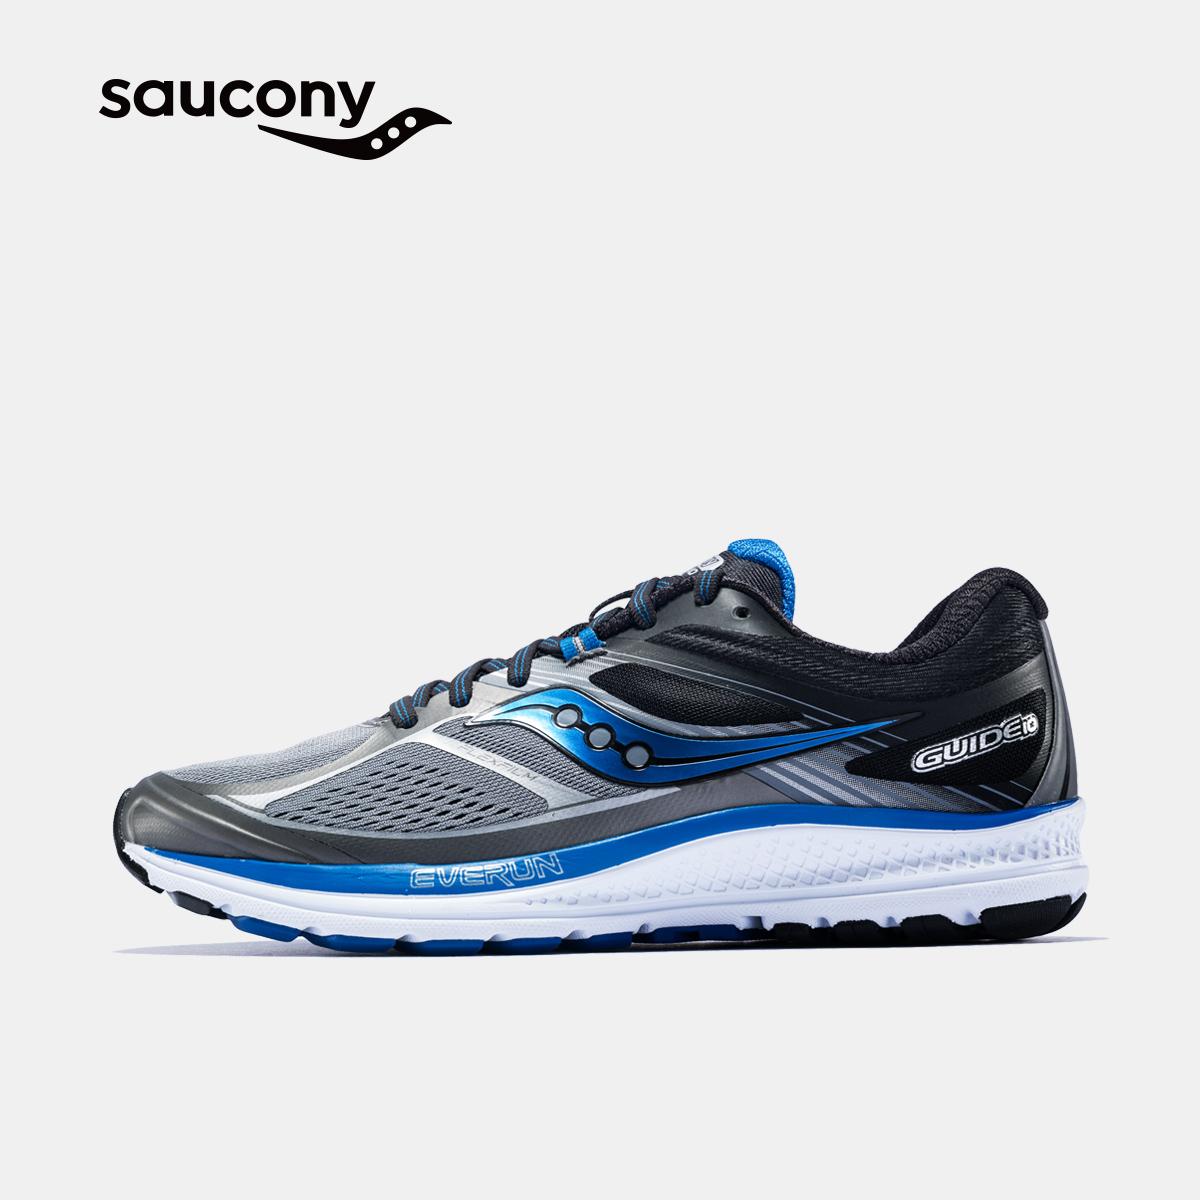 Saucony圣康尼GUIDE 10穩定支撐運動鞋 男子跑步鞋 S20350-A